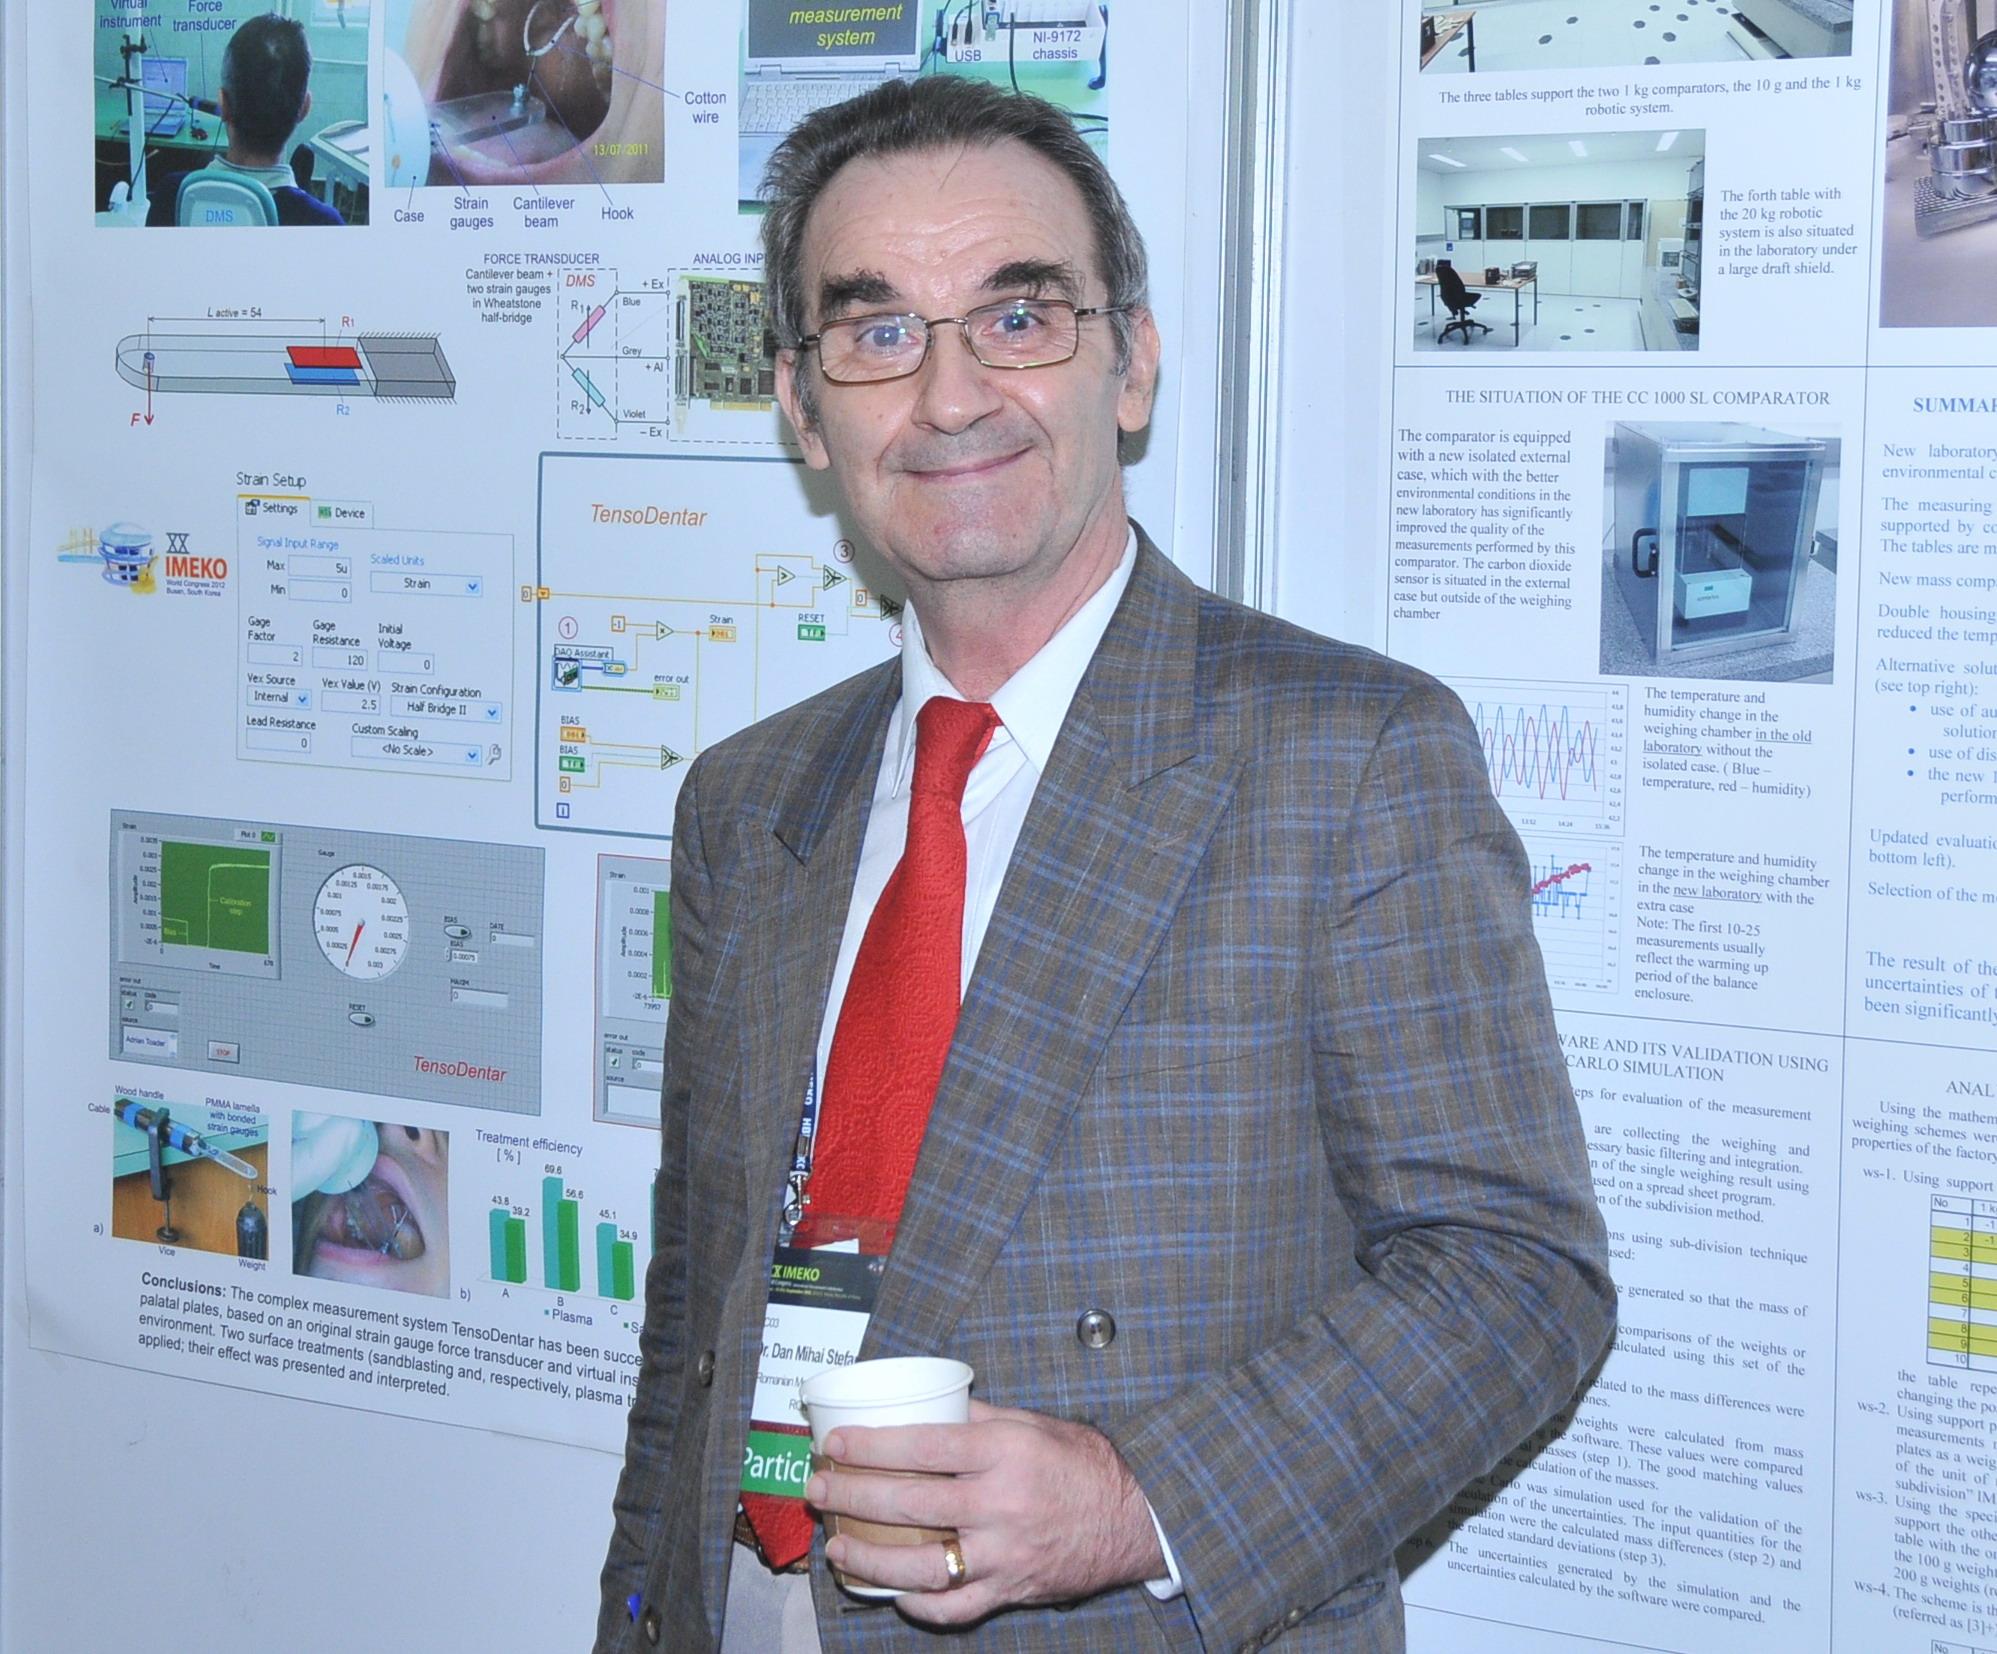 Dr. Ing. Dan Mihai Stefanescu